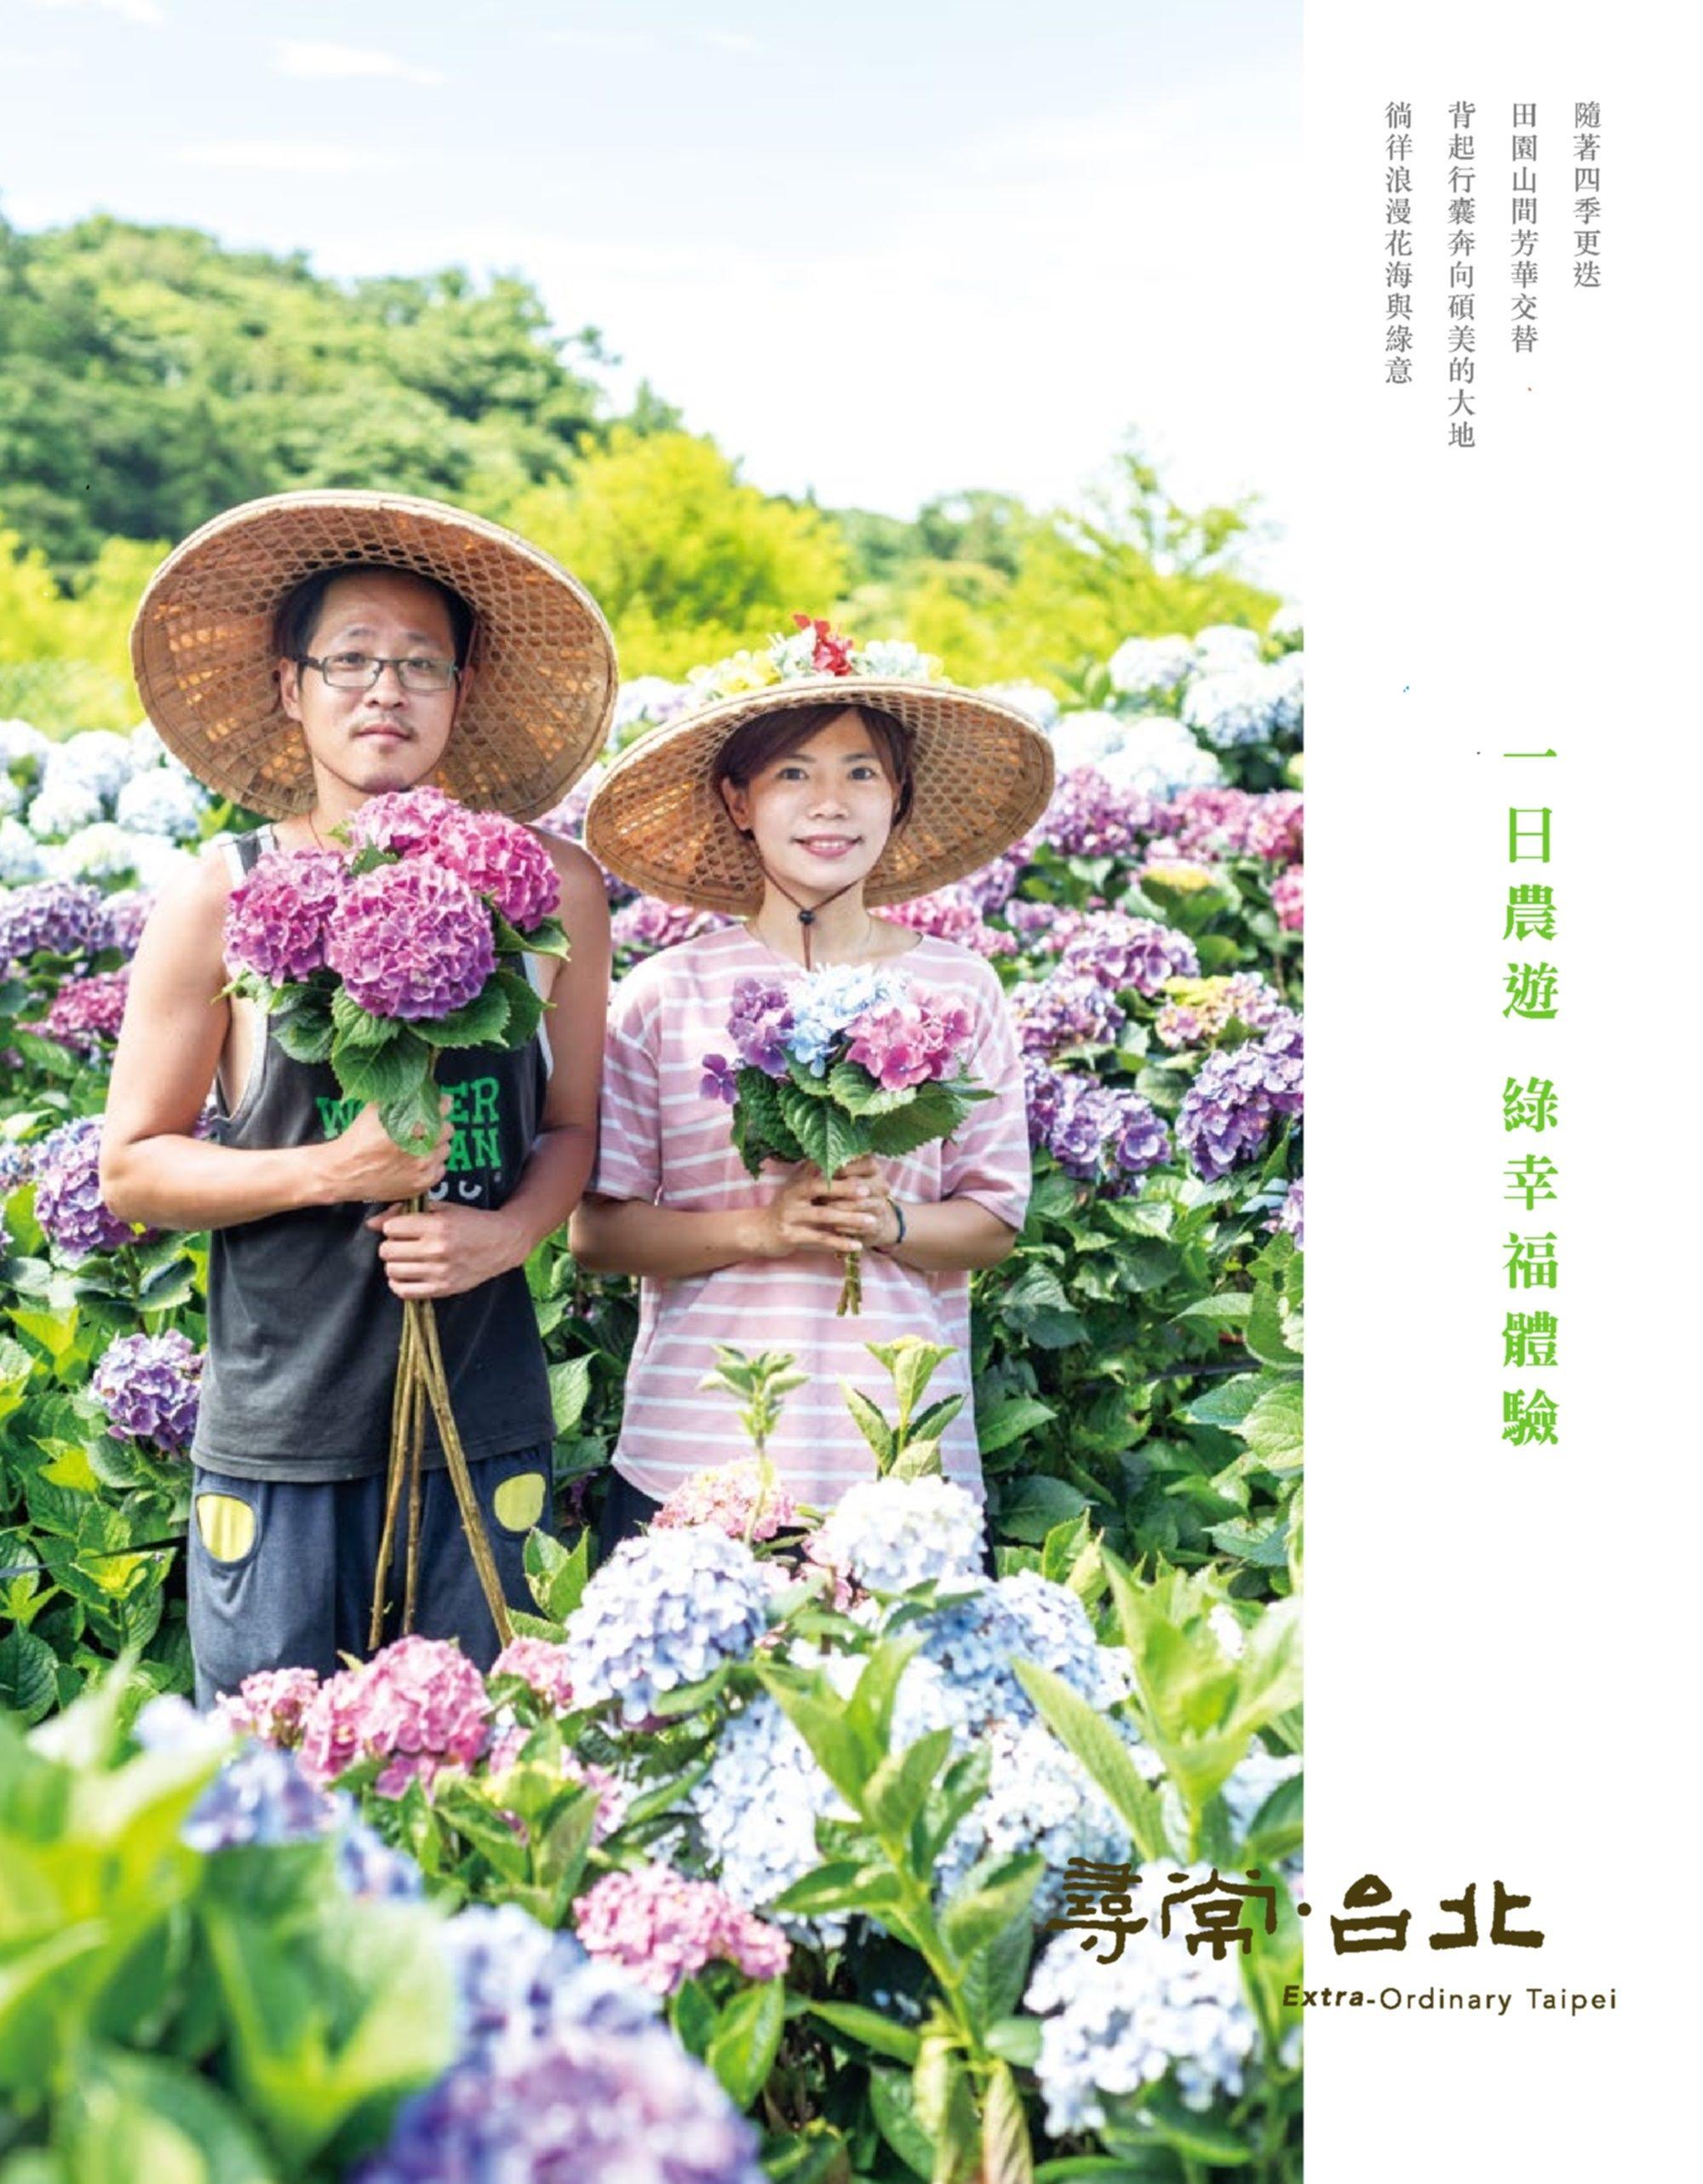 休閒農遊:一日農遊 綠幸福體驗